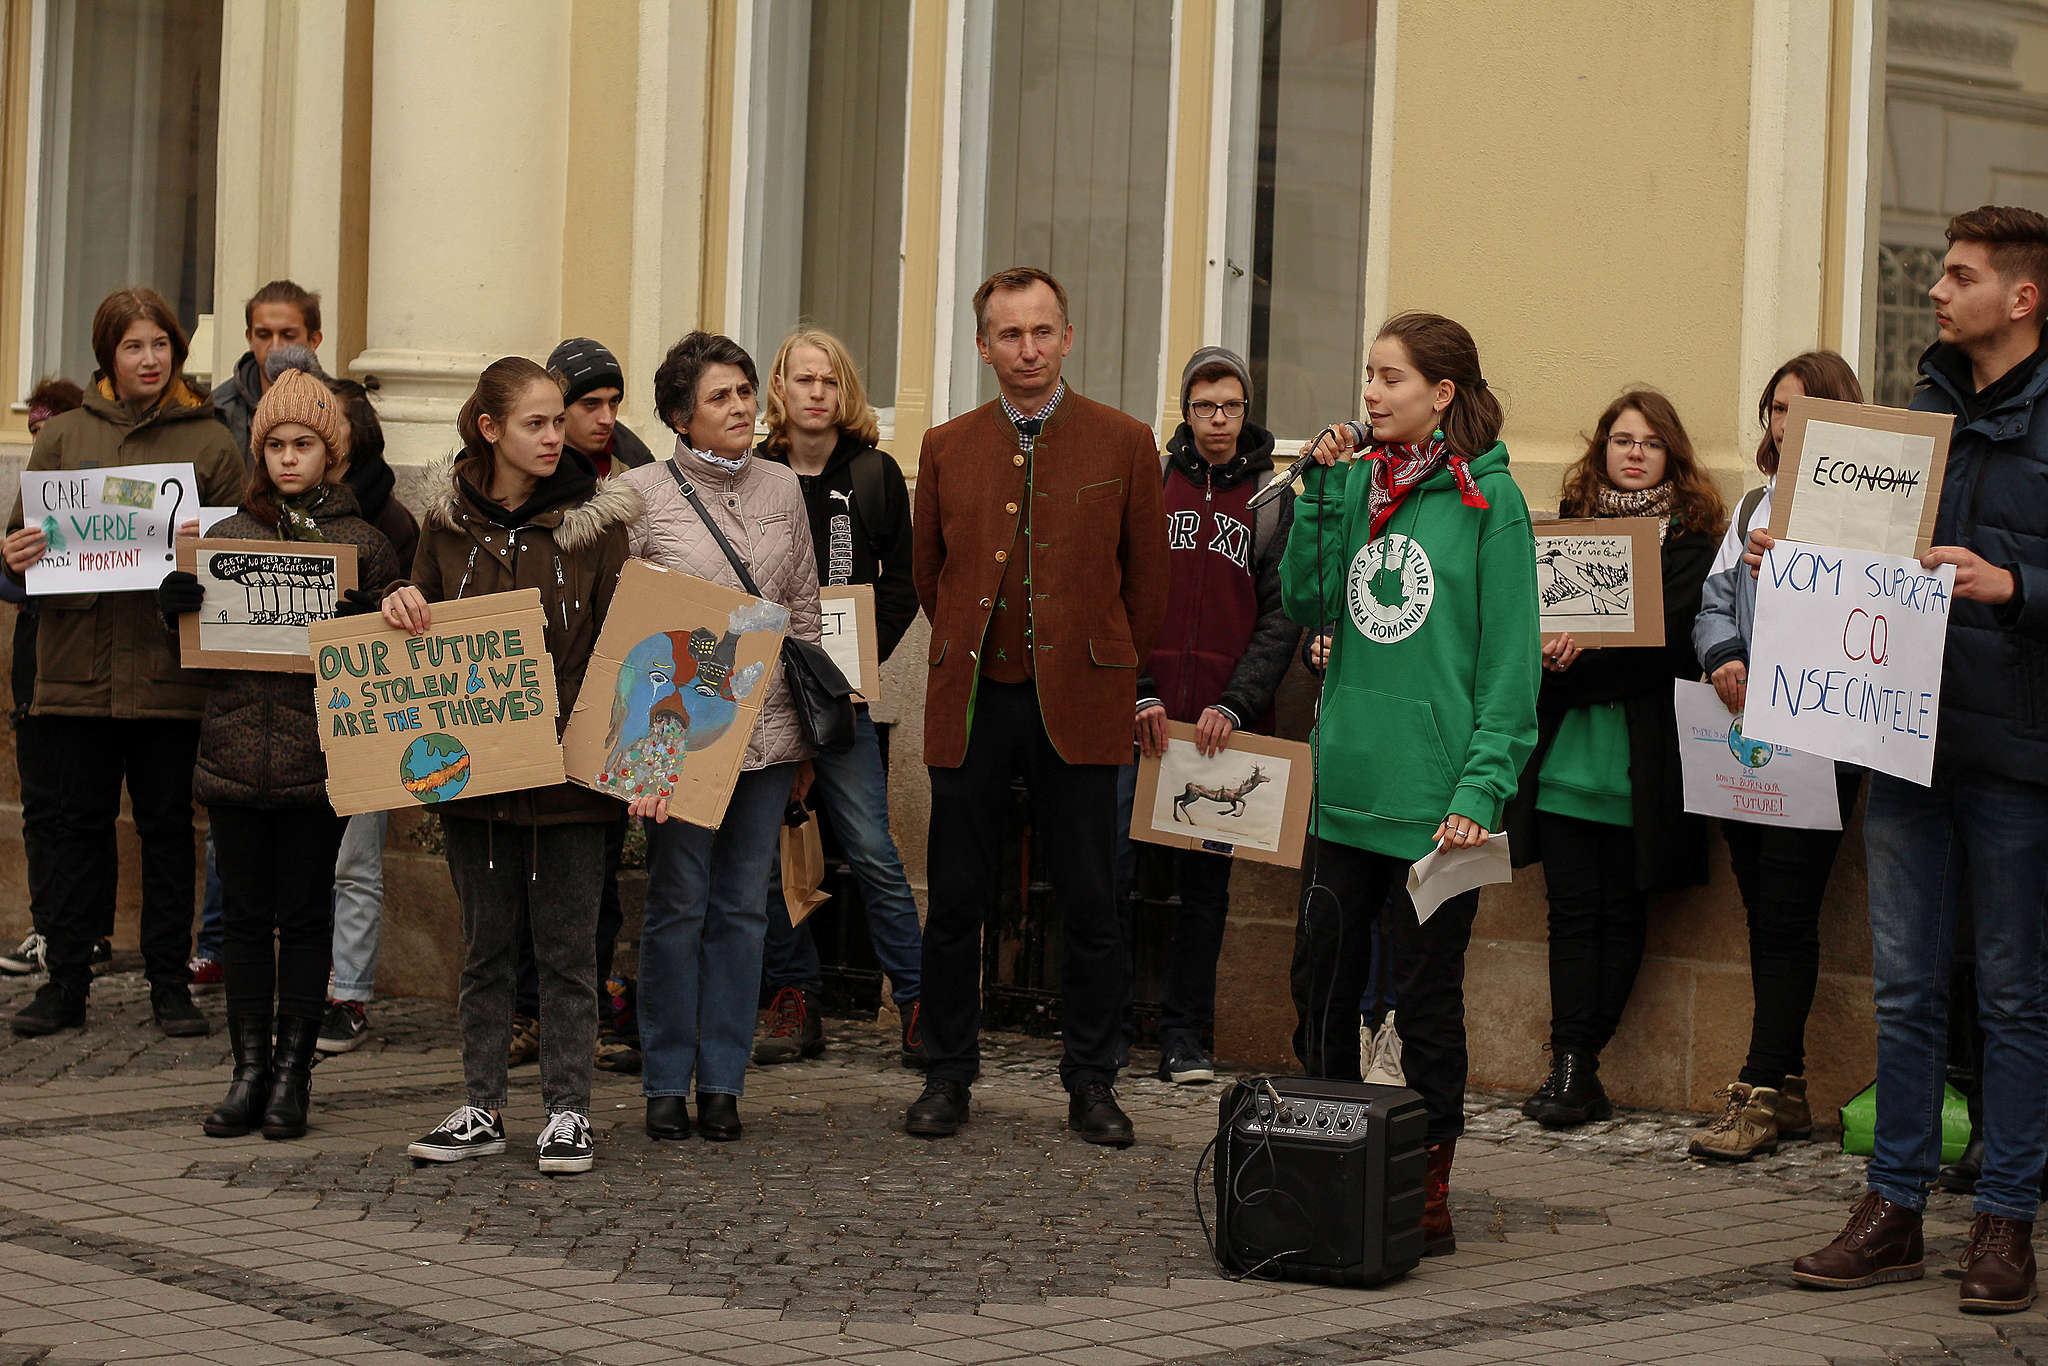 Amenda dată de Poliția locală elevilor sibieni în Piața Mare, folosită pentru schimbarea legii adunărilor publice